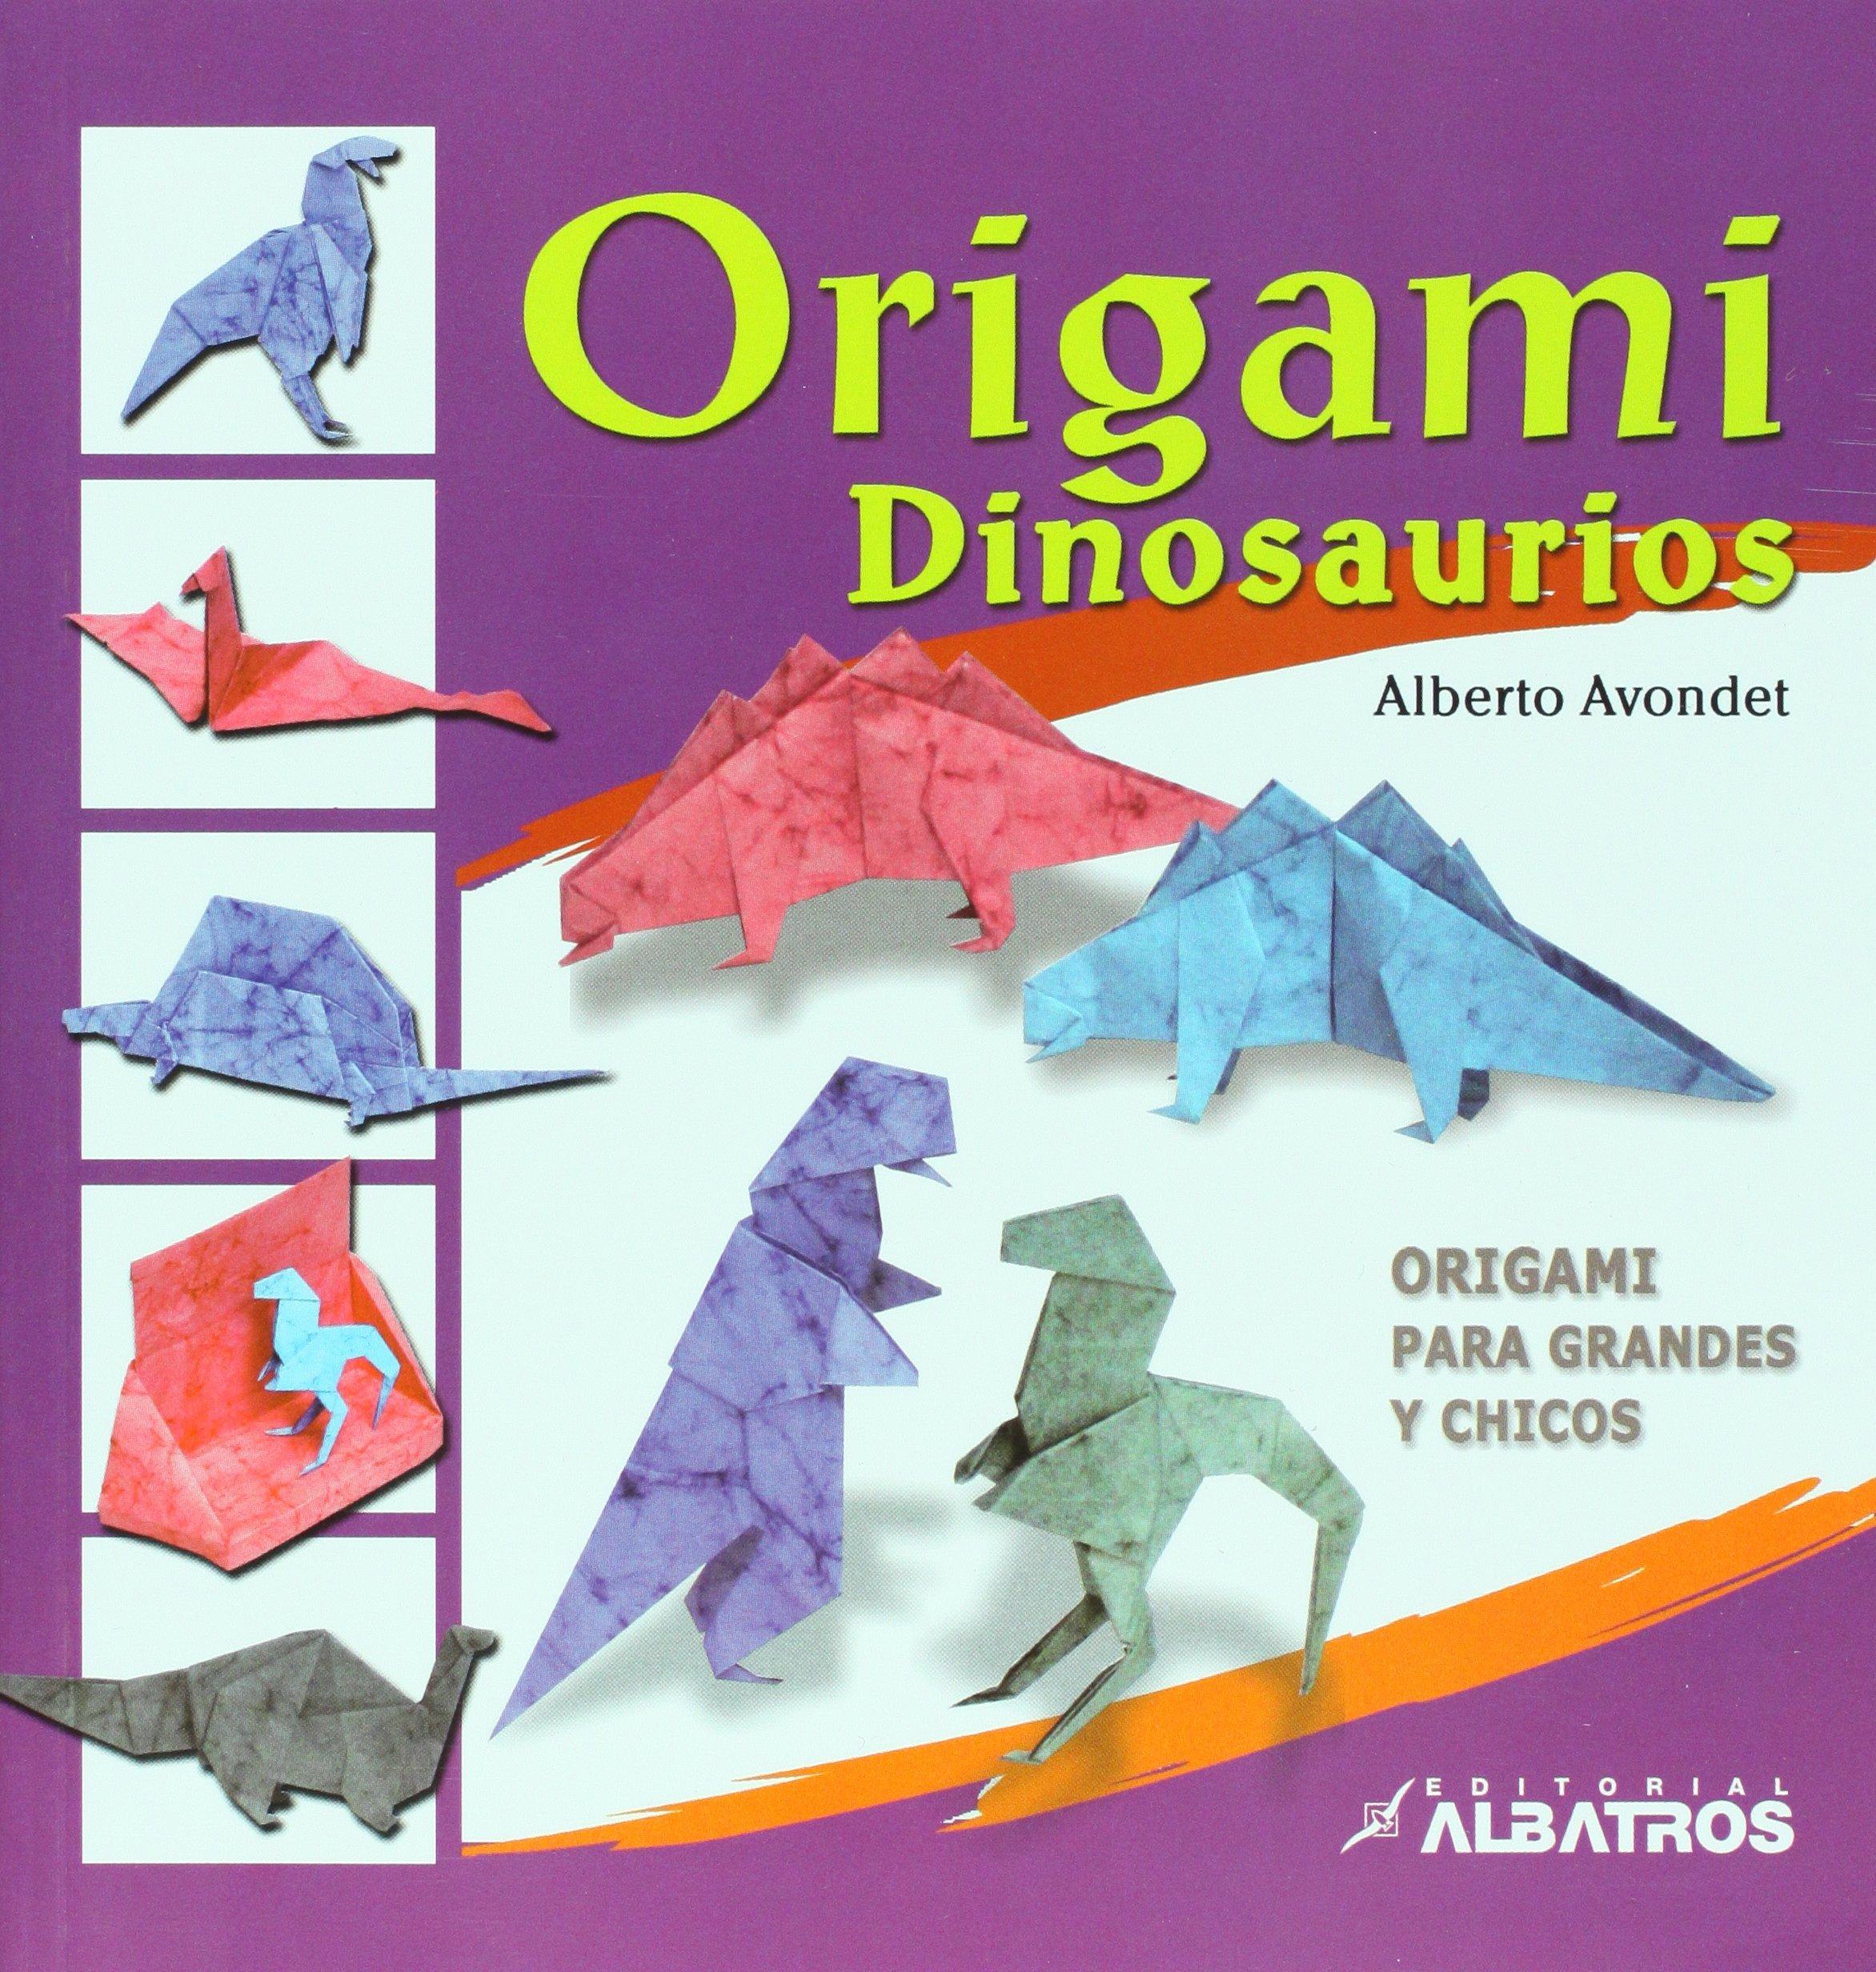 Origami dinosaurios / Dinosaurs Origami (Español) Tapa blanda